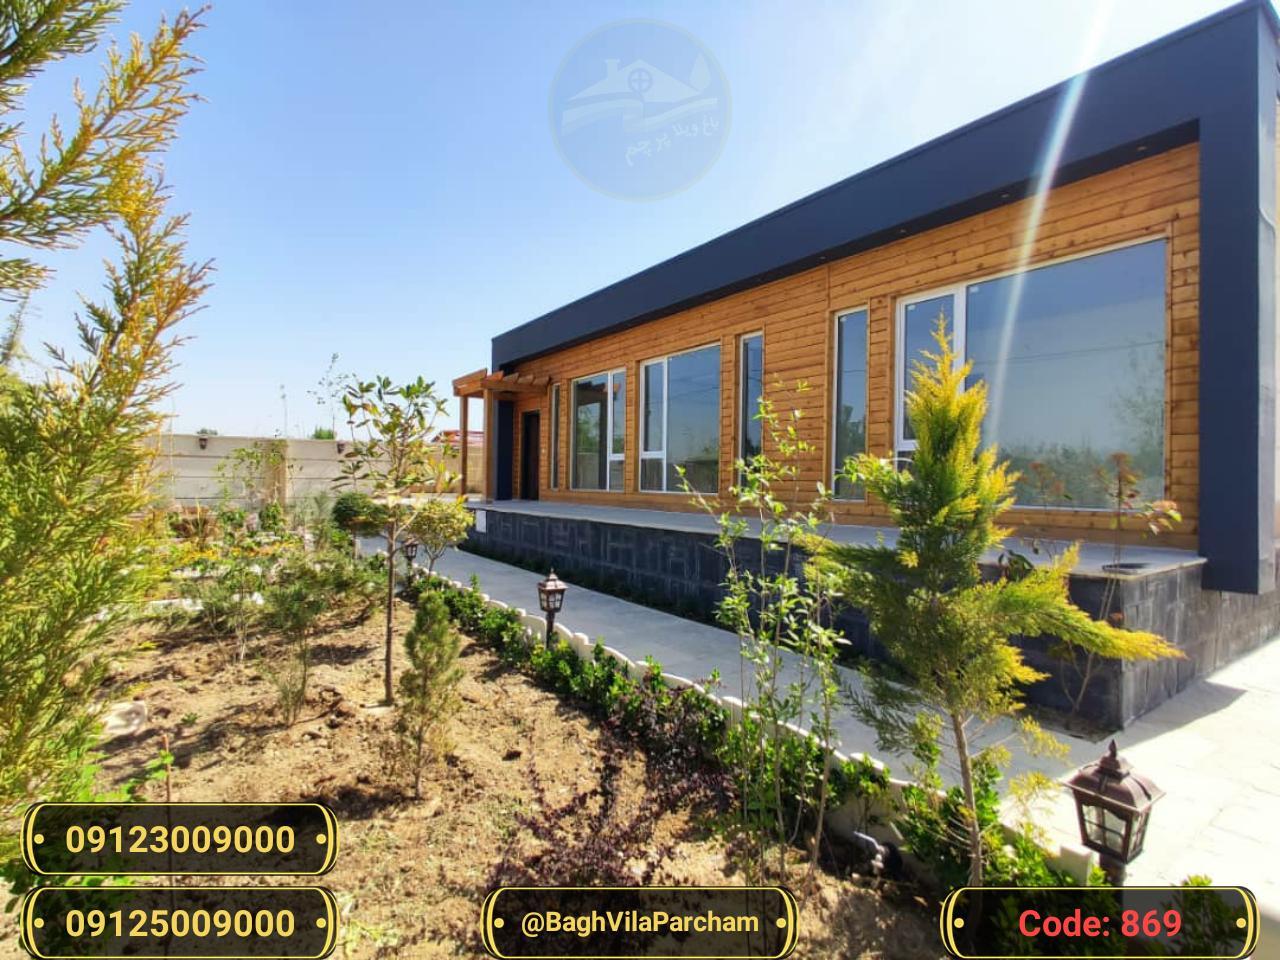 تصویر عکس باغ ویلا شماره 5 از ویلای ۷۵۰  متر ویلا مدرن Picture photo image 5 of ۷۵۰  متر ویلا مدرن